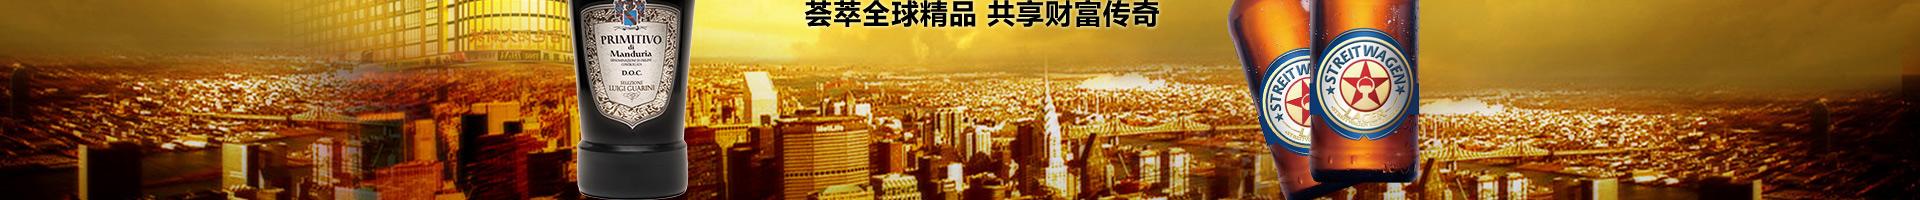 凯马传奇(福建)酒业有限公司